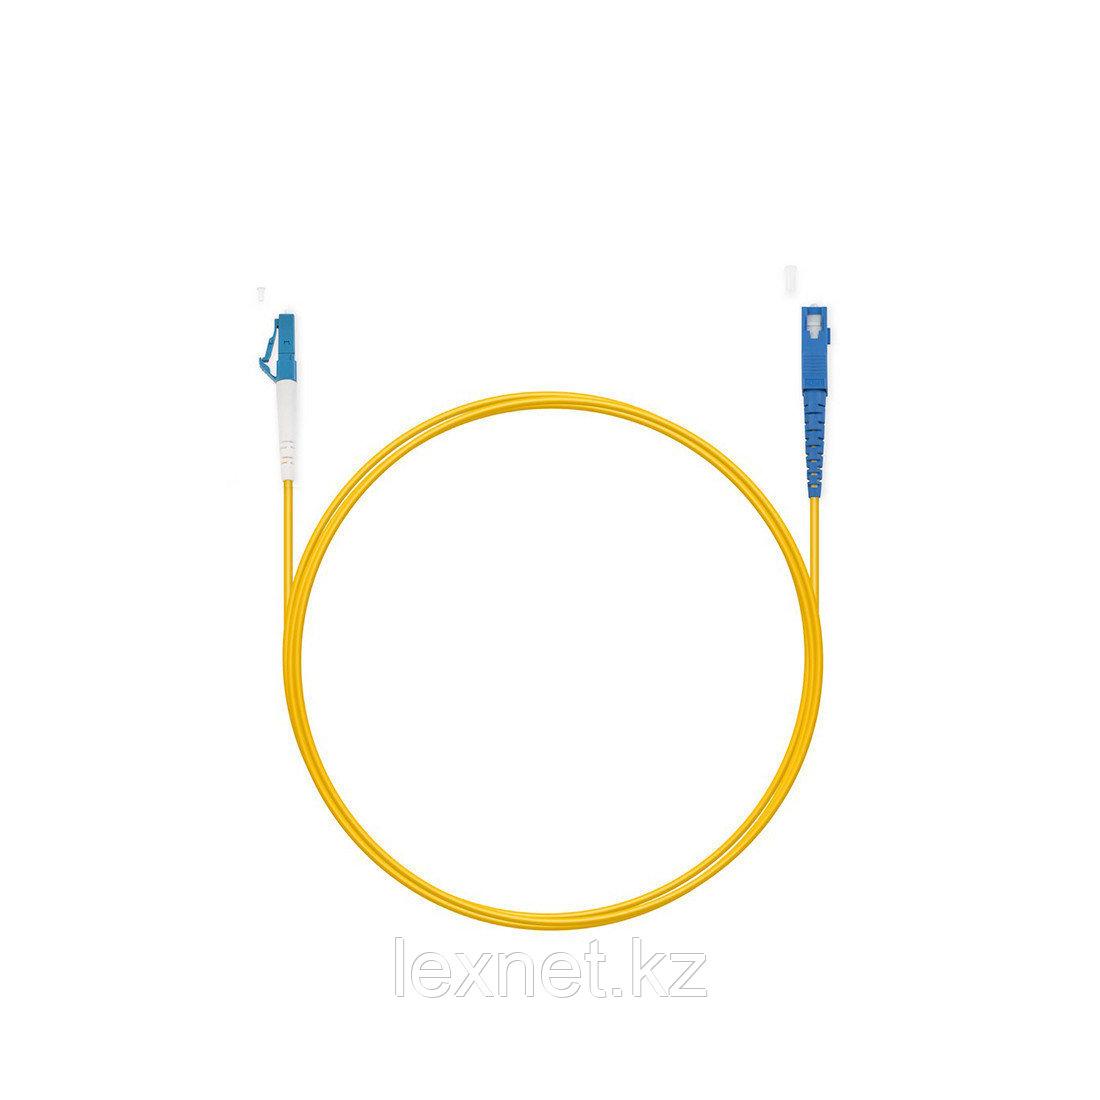 Патч Корд Оптоволоконный FC/UPC-FC/APC SM 9/125 Simplex 3.0мм 1 м